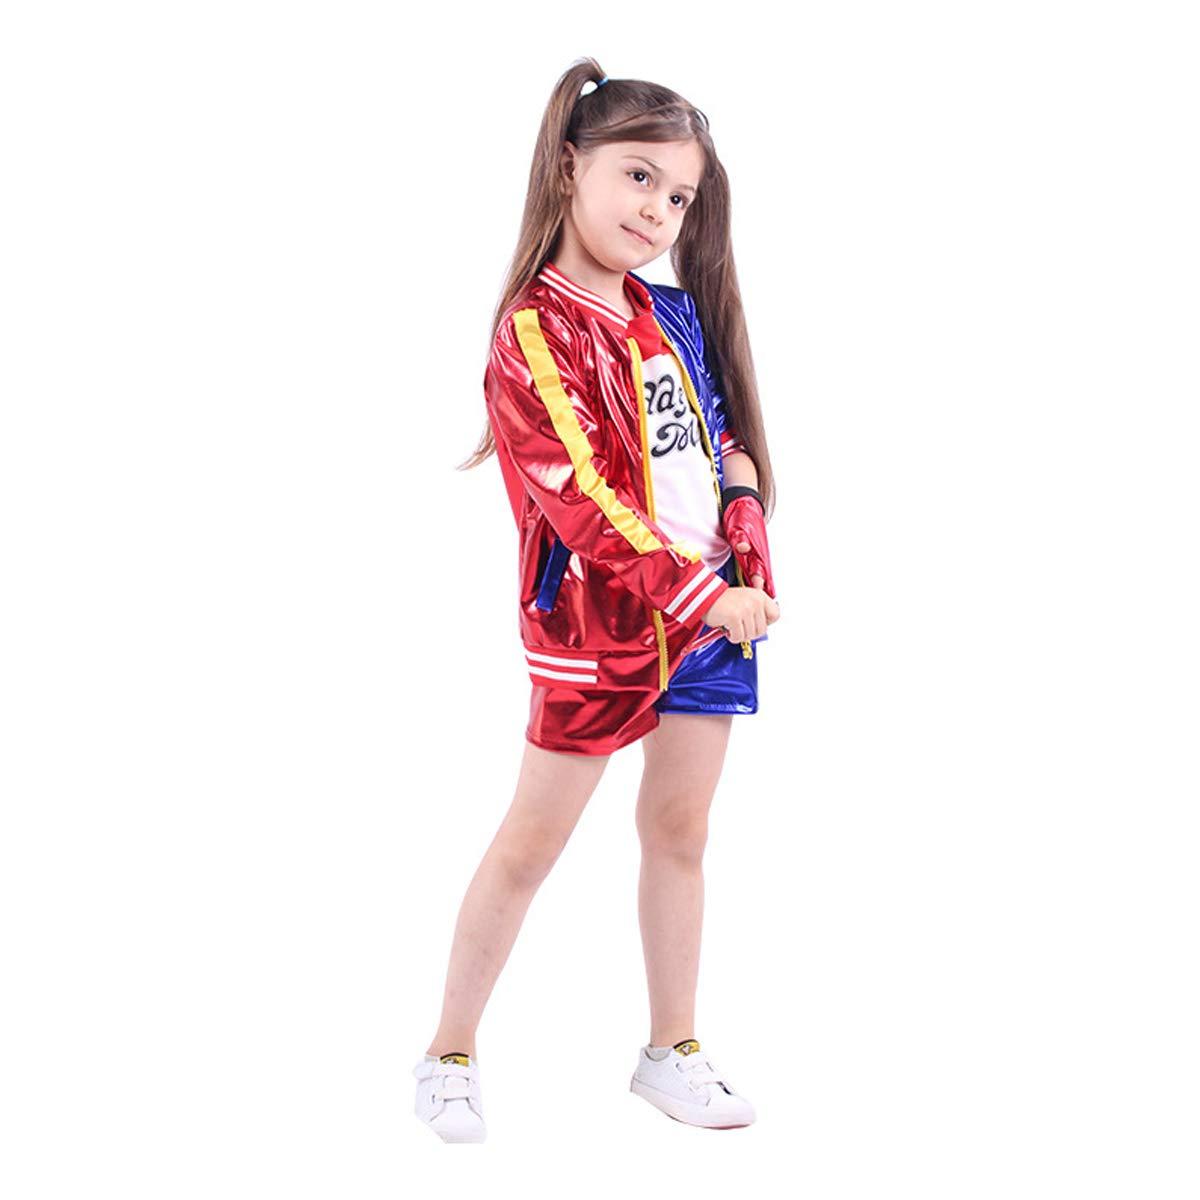 unbrand Adulto Niños Chica Harley Quinn Disfraz de Cosplay Disfraz de Dama Completo Conjunto de Navidad Suicide Squad Jumpsuit